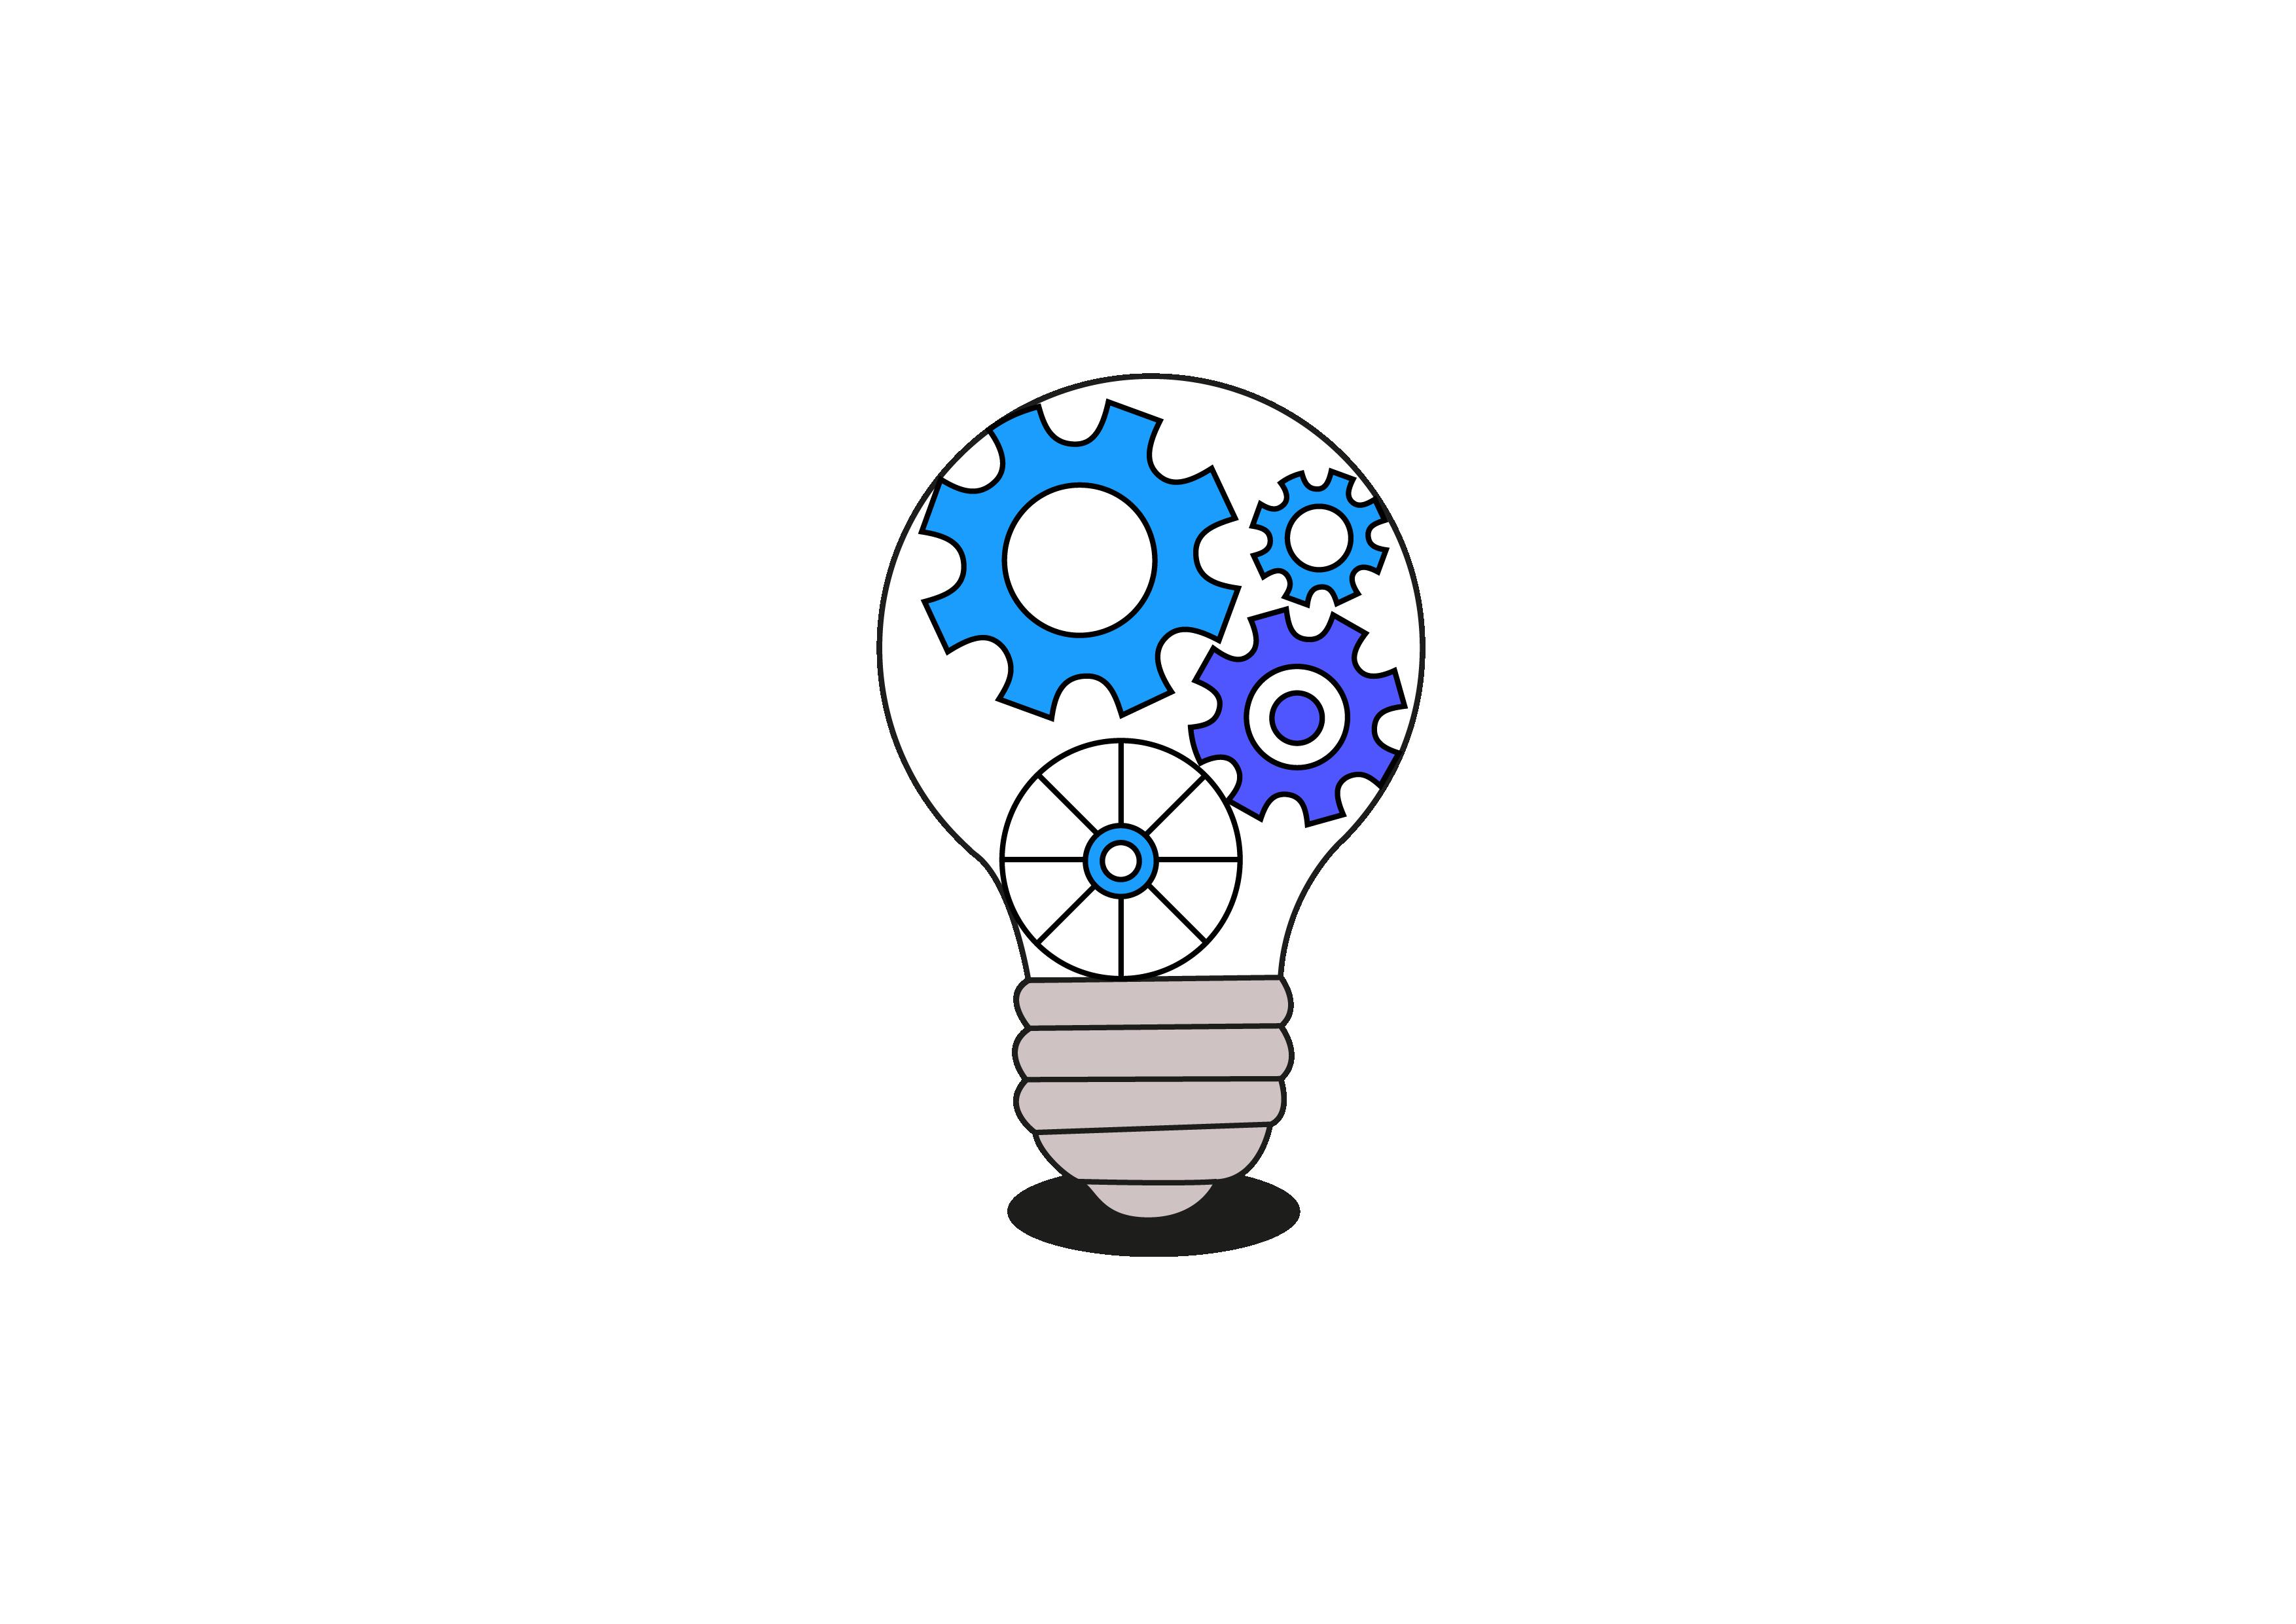 Le feedback management dans l'écosystème Relation Client de votre enseigne